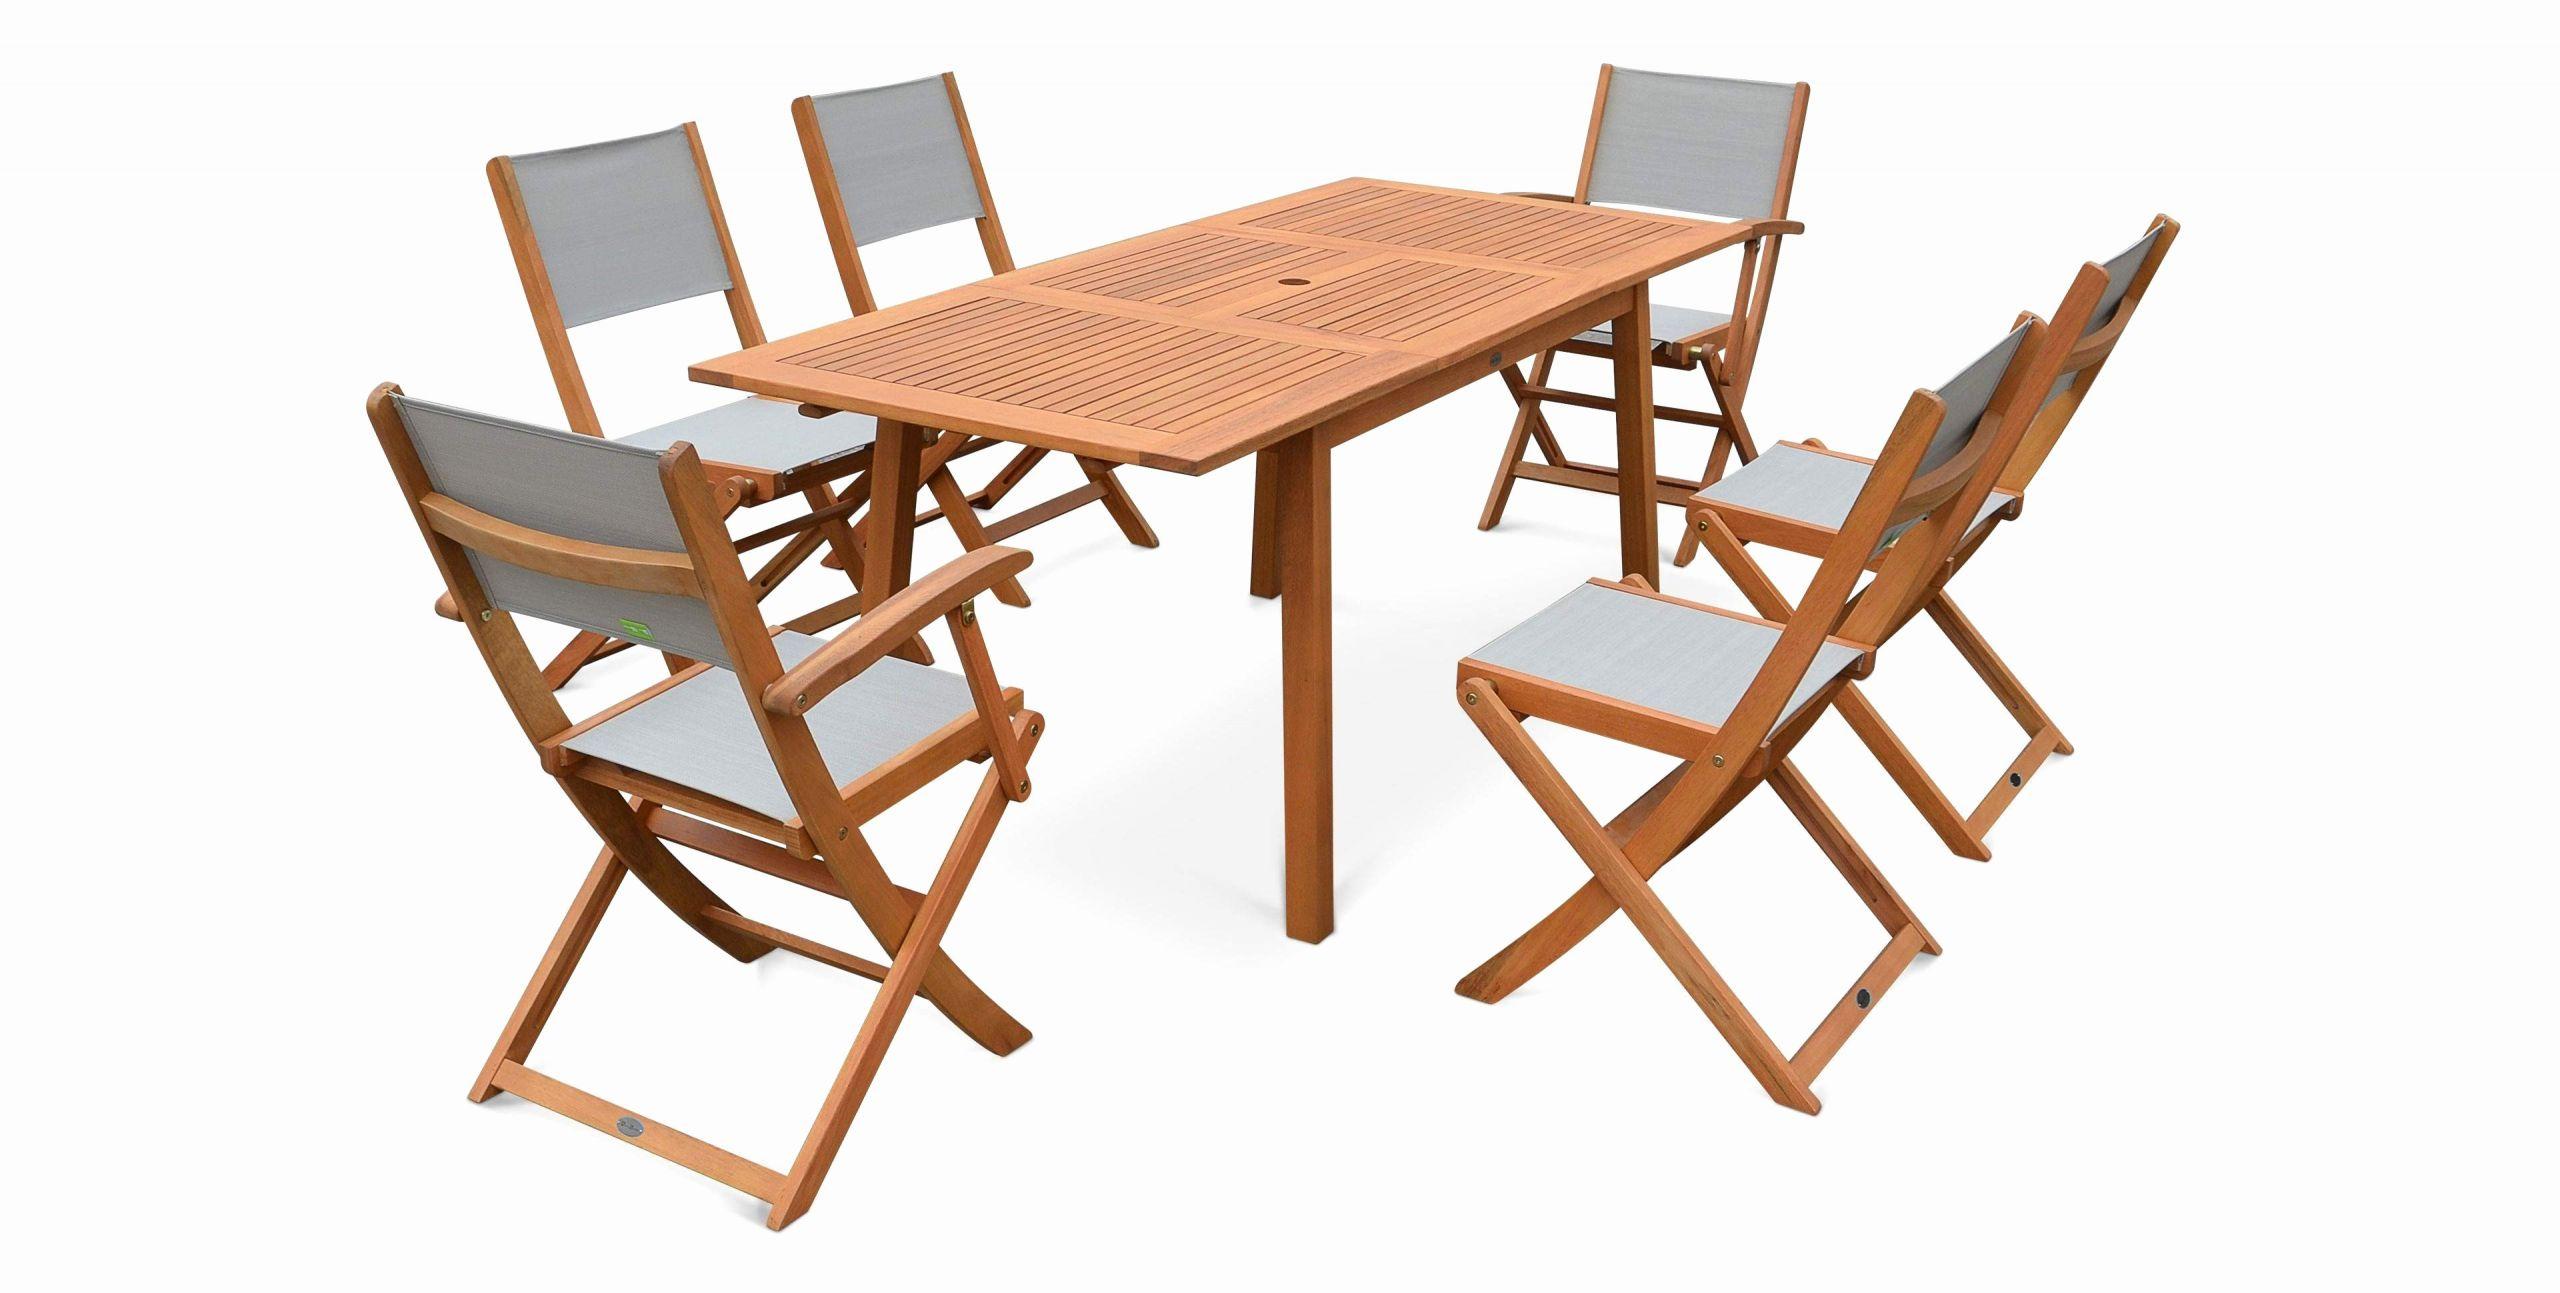 Table Exterieur Charmant 73 Frais Salon De Jardin Leclerc ... encequiconcerne Salon De Jardin Chez Leclerc